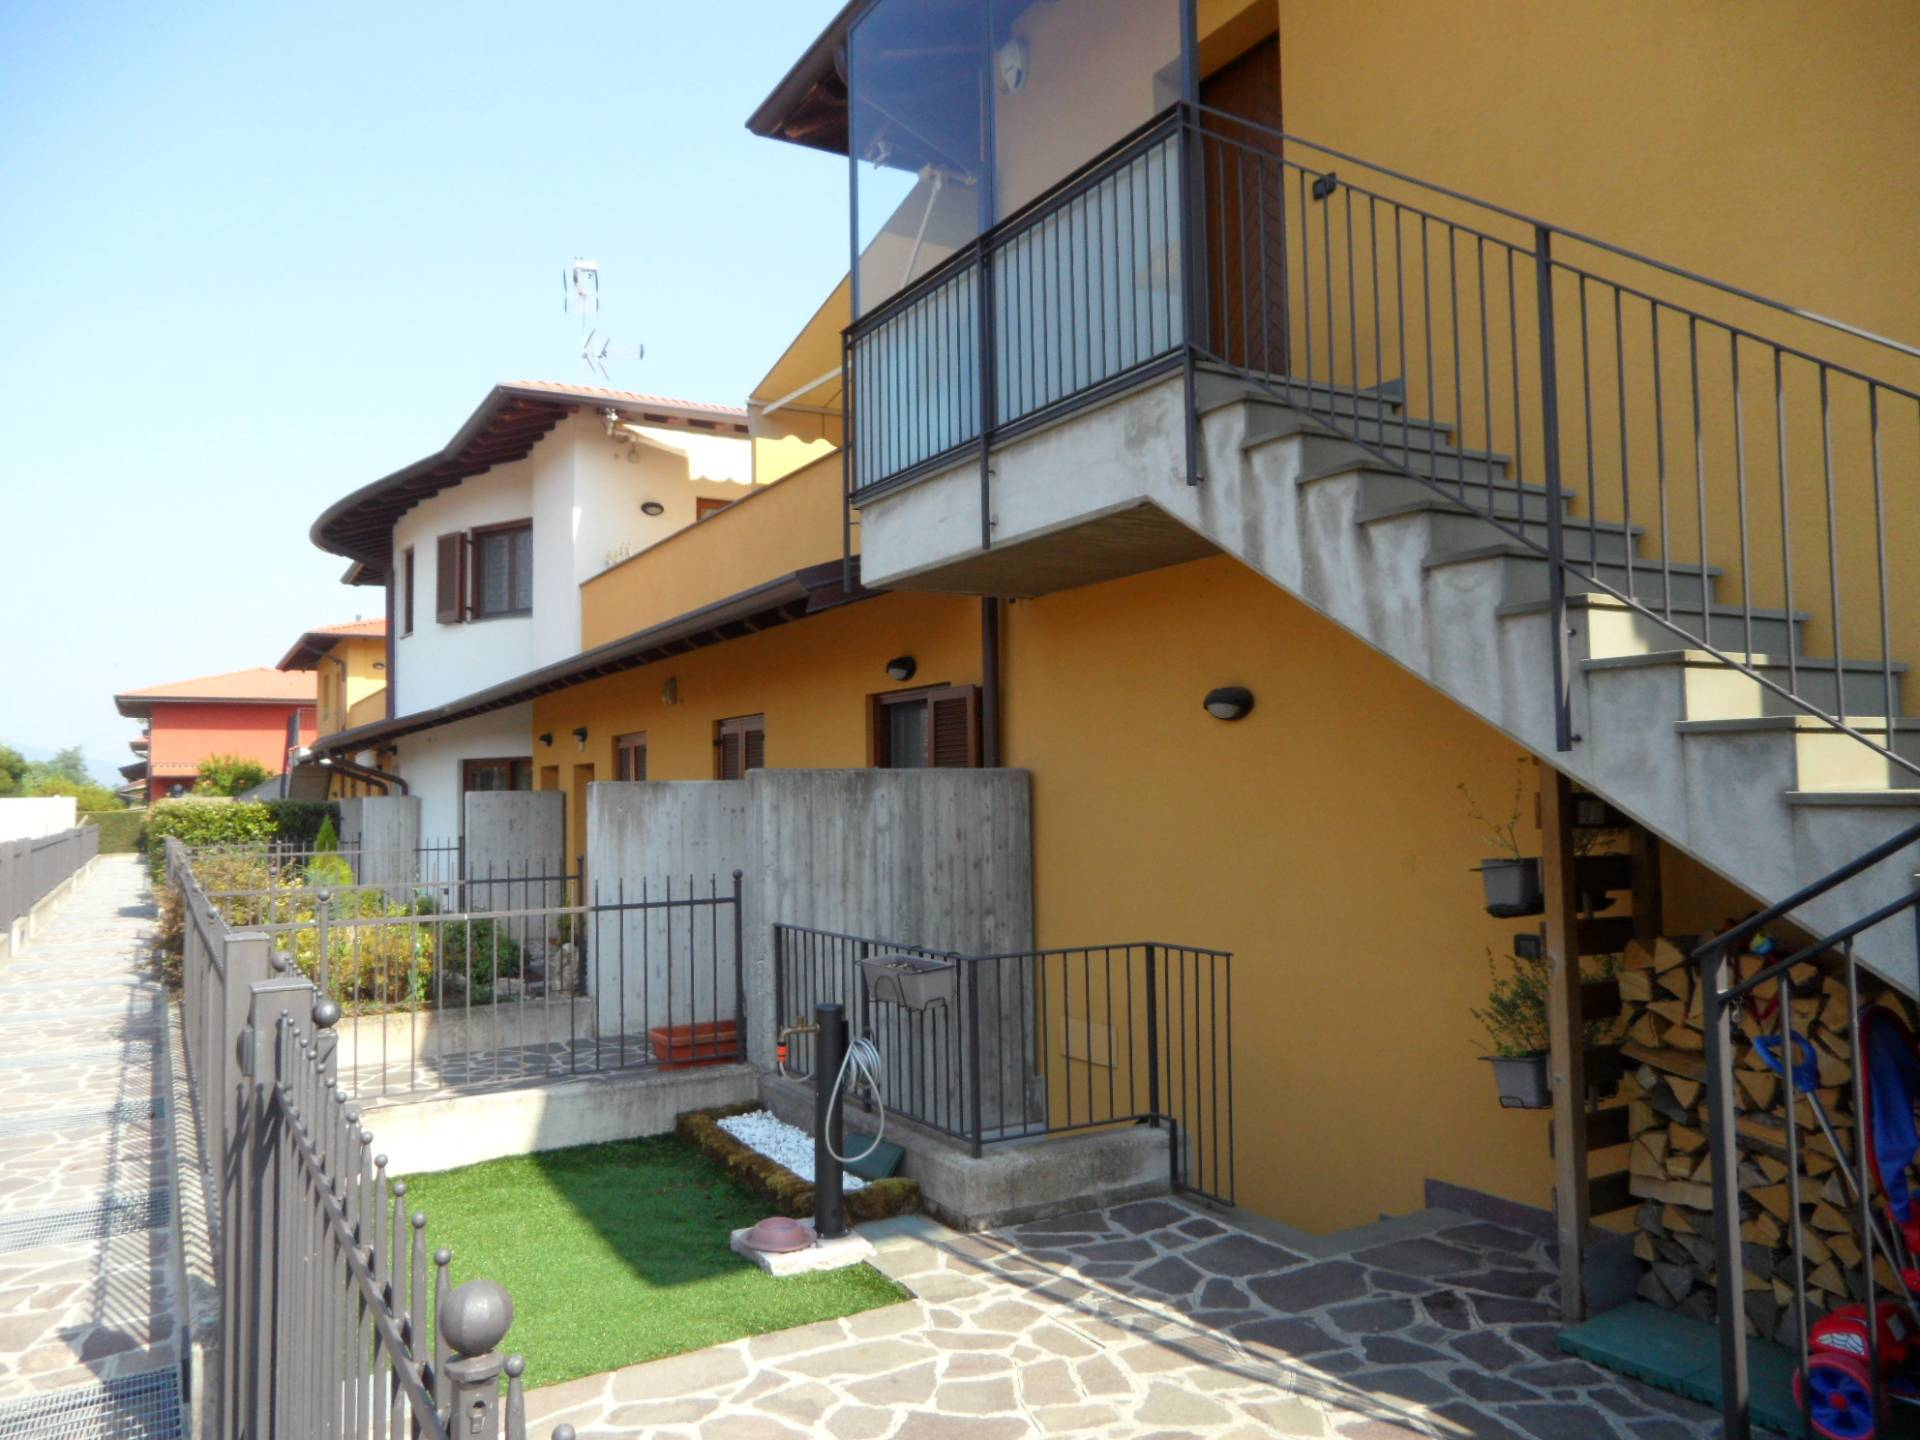 Attico / Mansarda in vendita a Bagnatica, 4 locali, prezzo € 280.000 | PortaleAgenzieImmobiliari.it